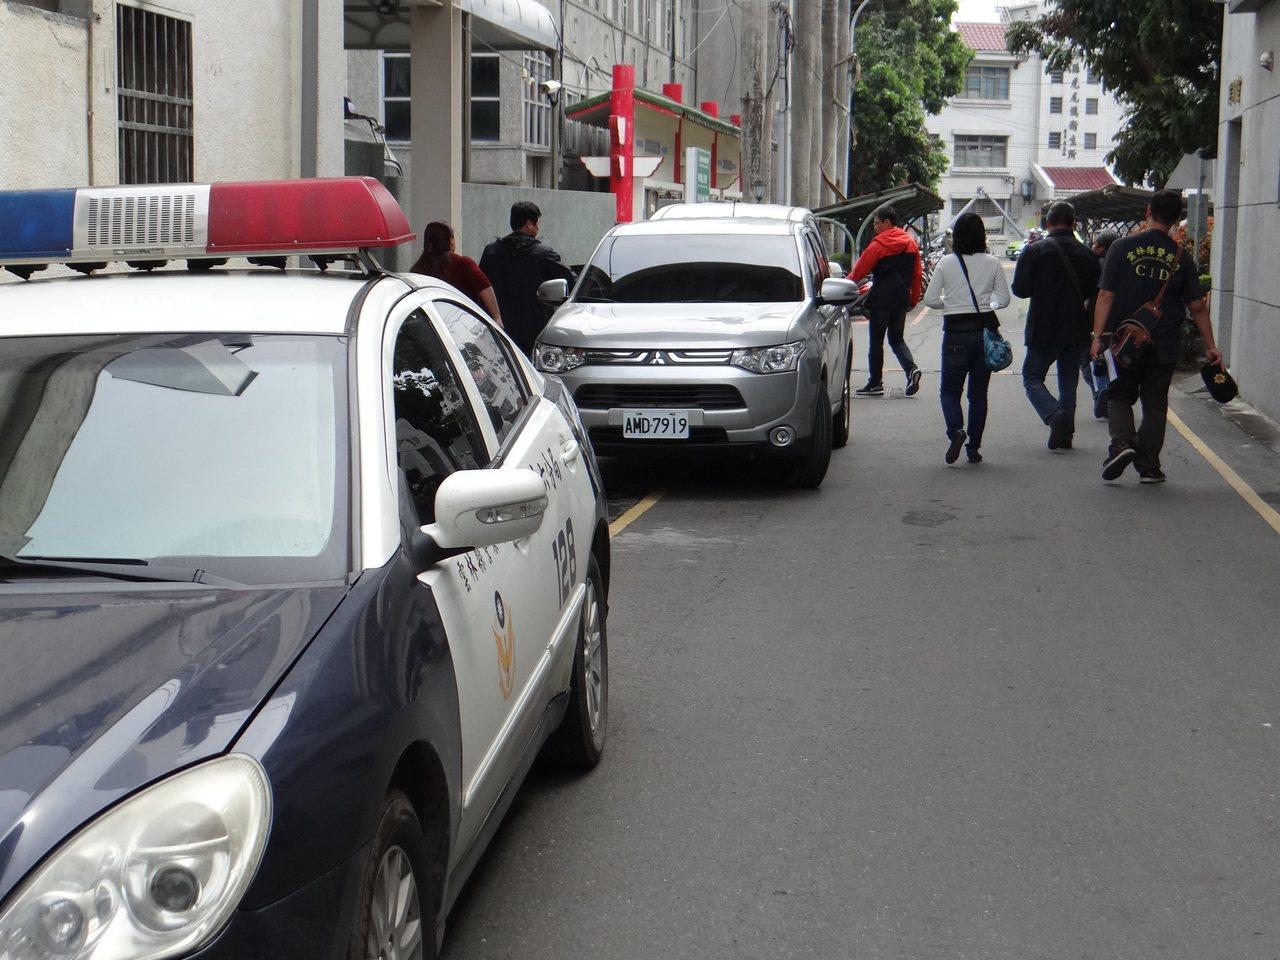 雲林縣斗六分局以一張沾精衛生紙偵破17年前一起強盜性侵案。記者蔡維斌/攝影